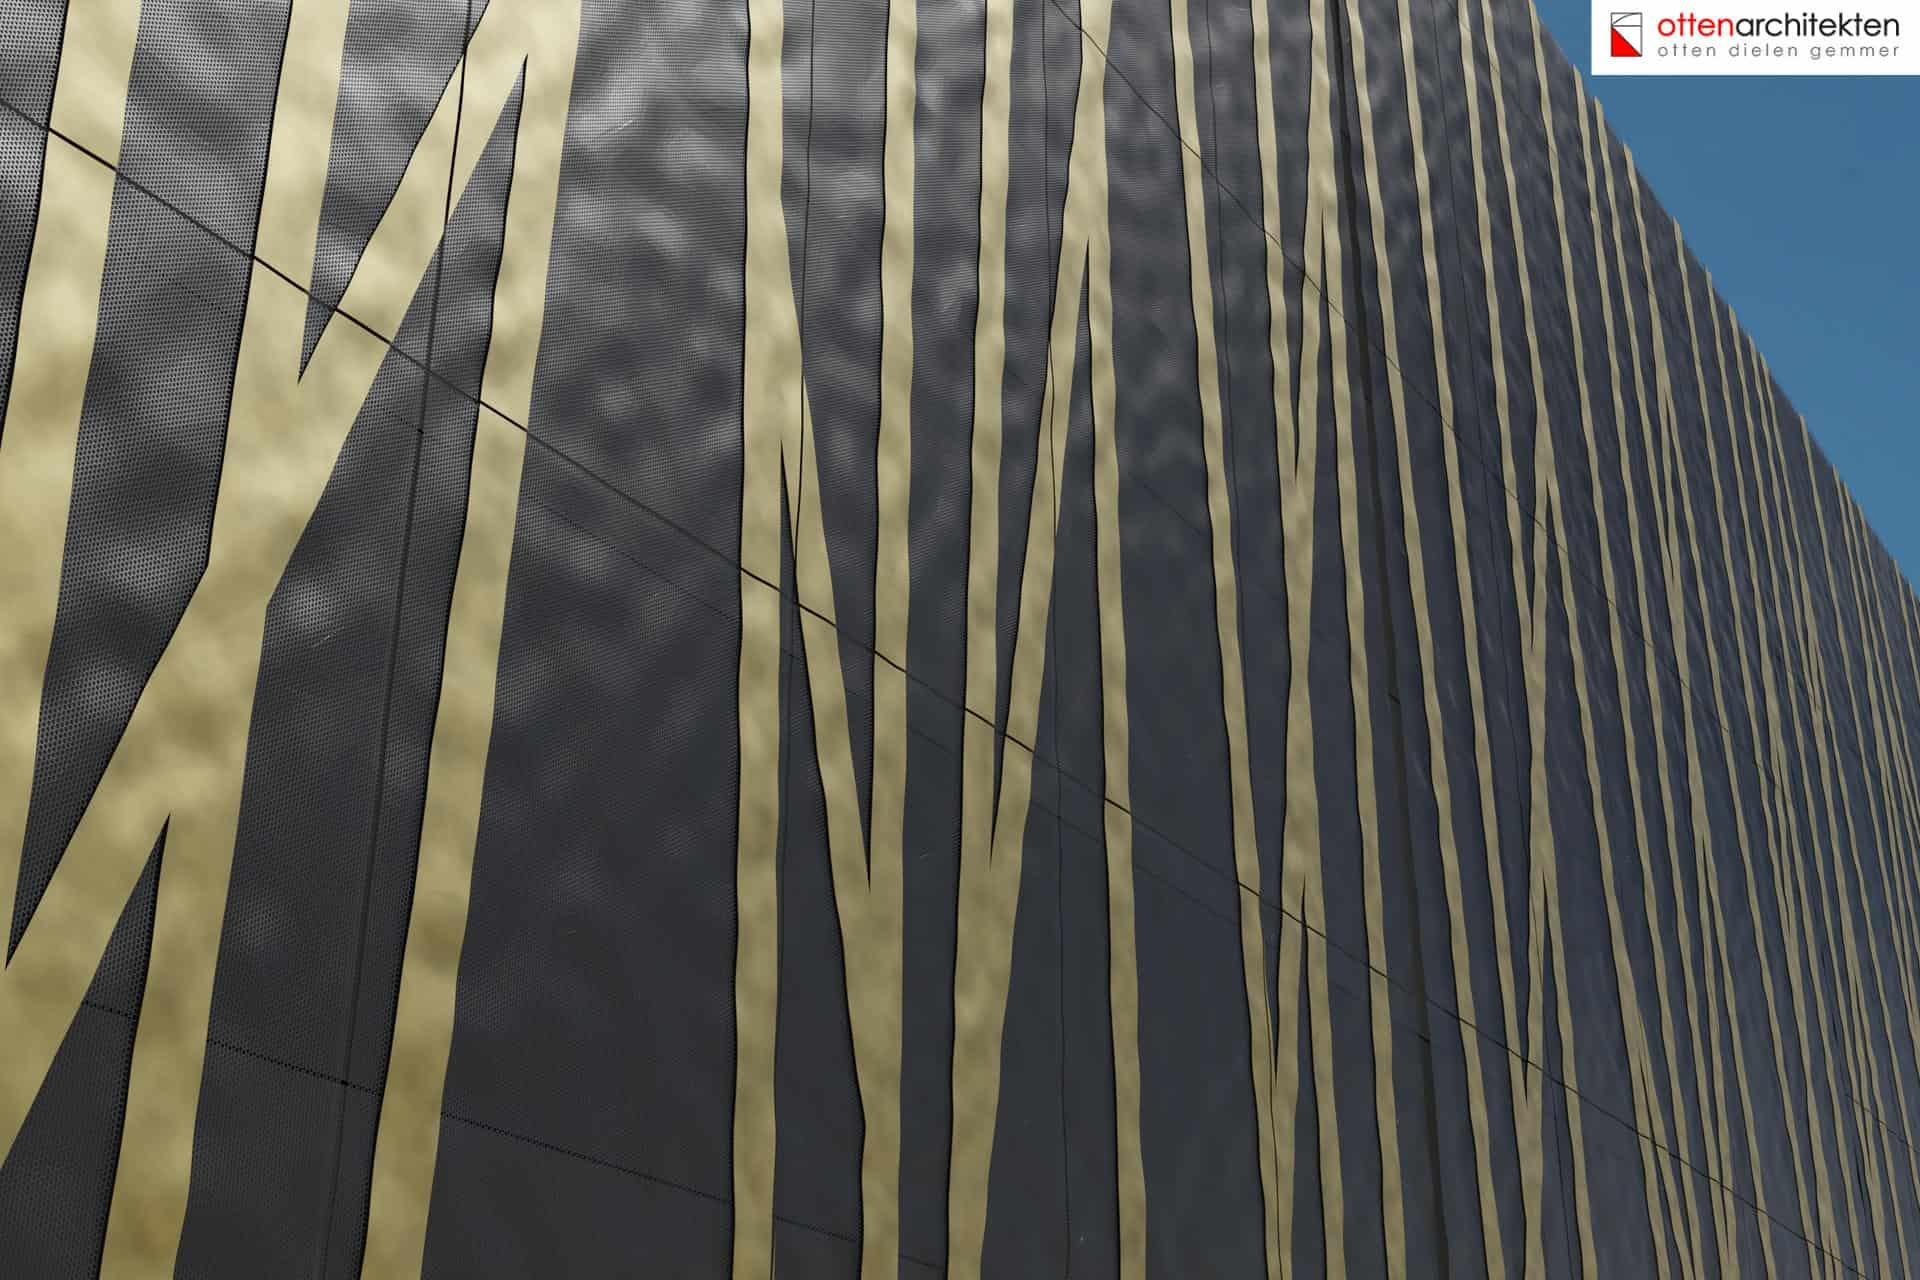 Industriegebäude Ottenarchitekten Designfassade